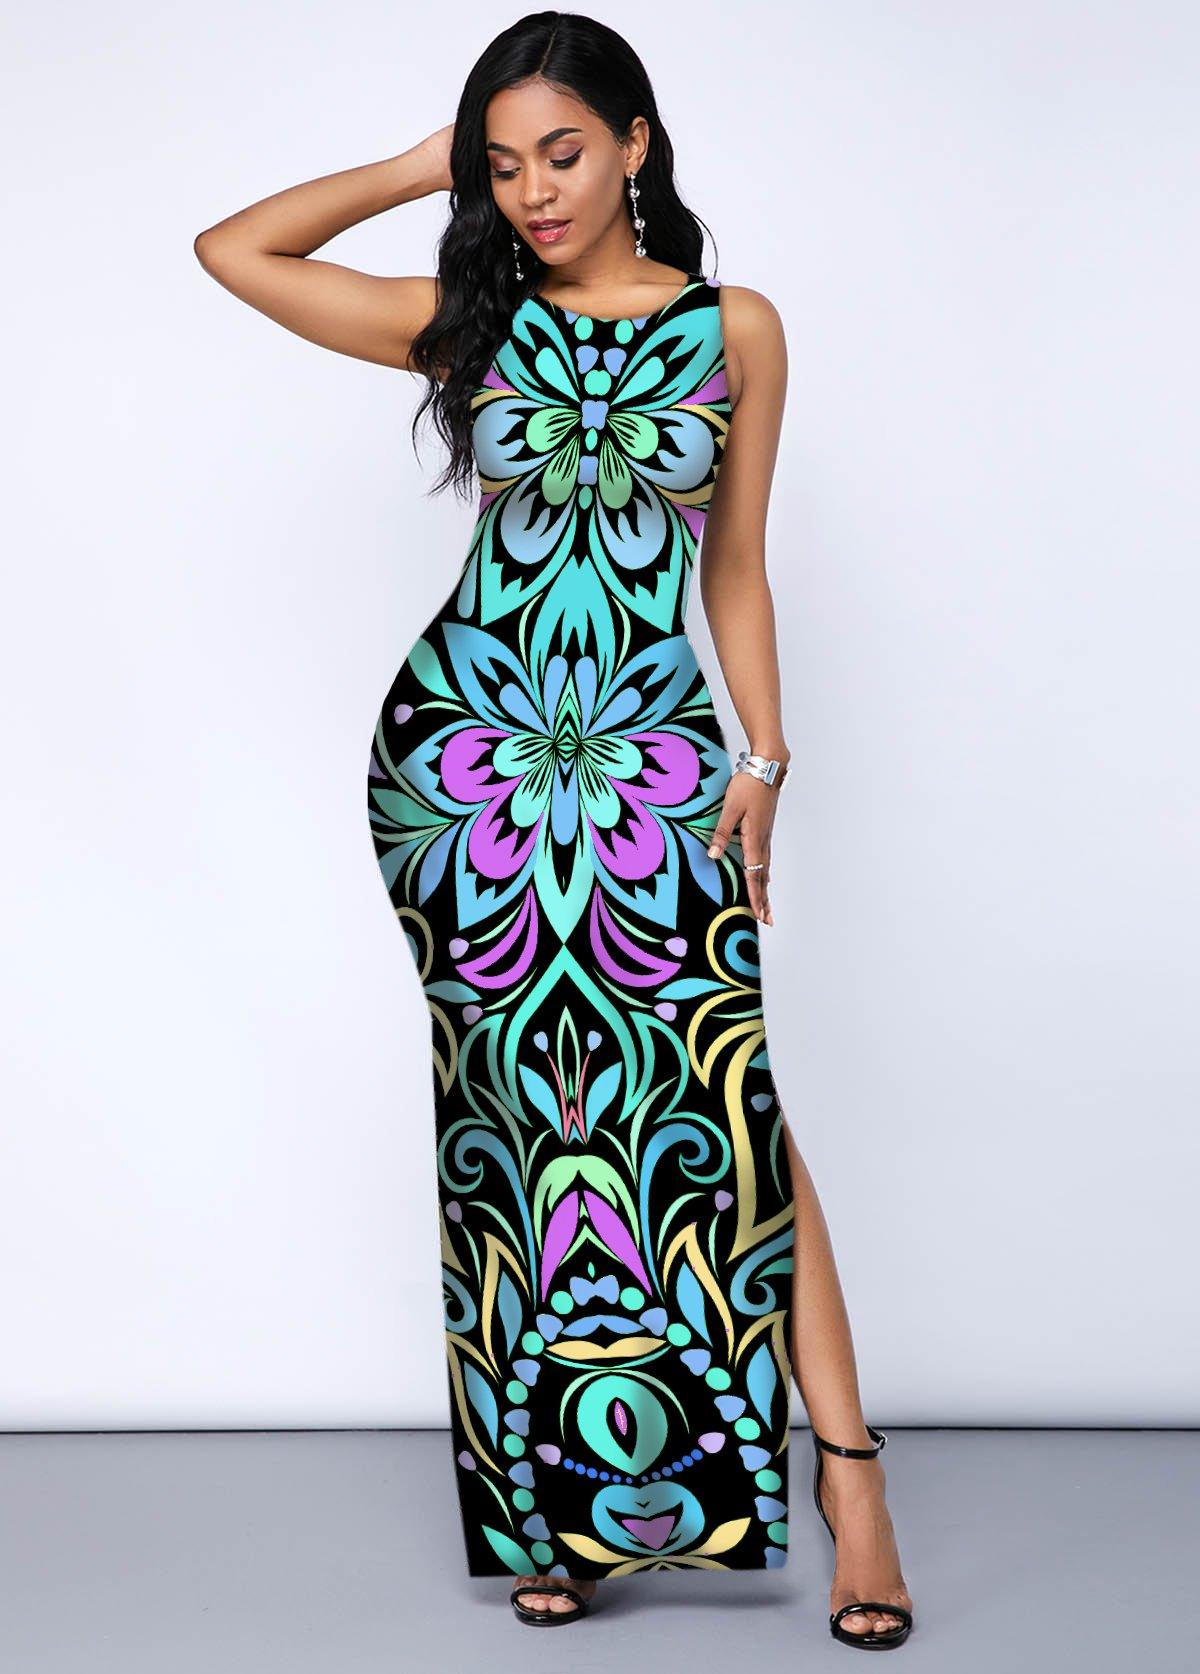 Tribal Print Side Slit Sleeveless Dress